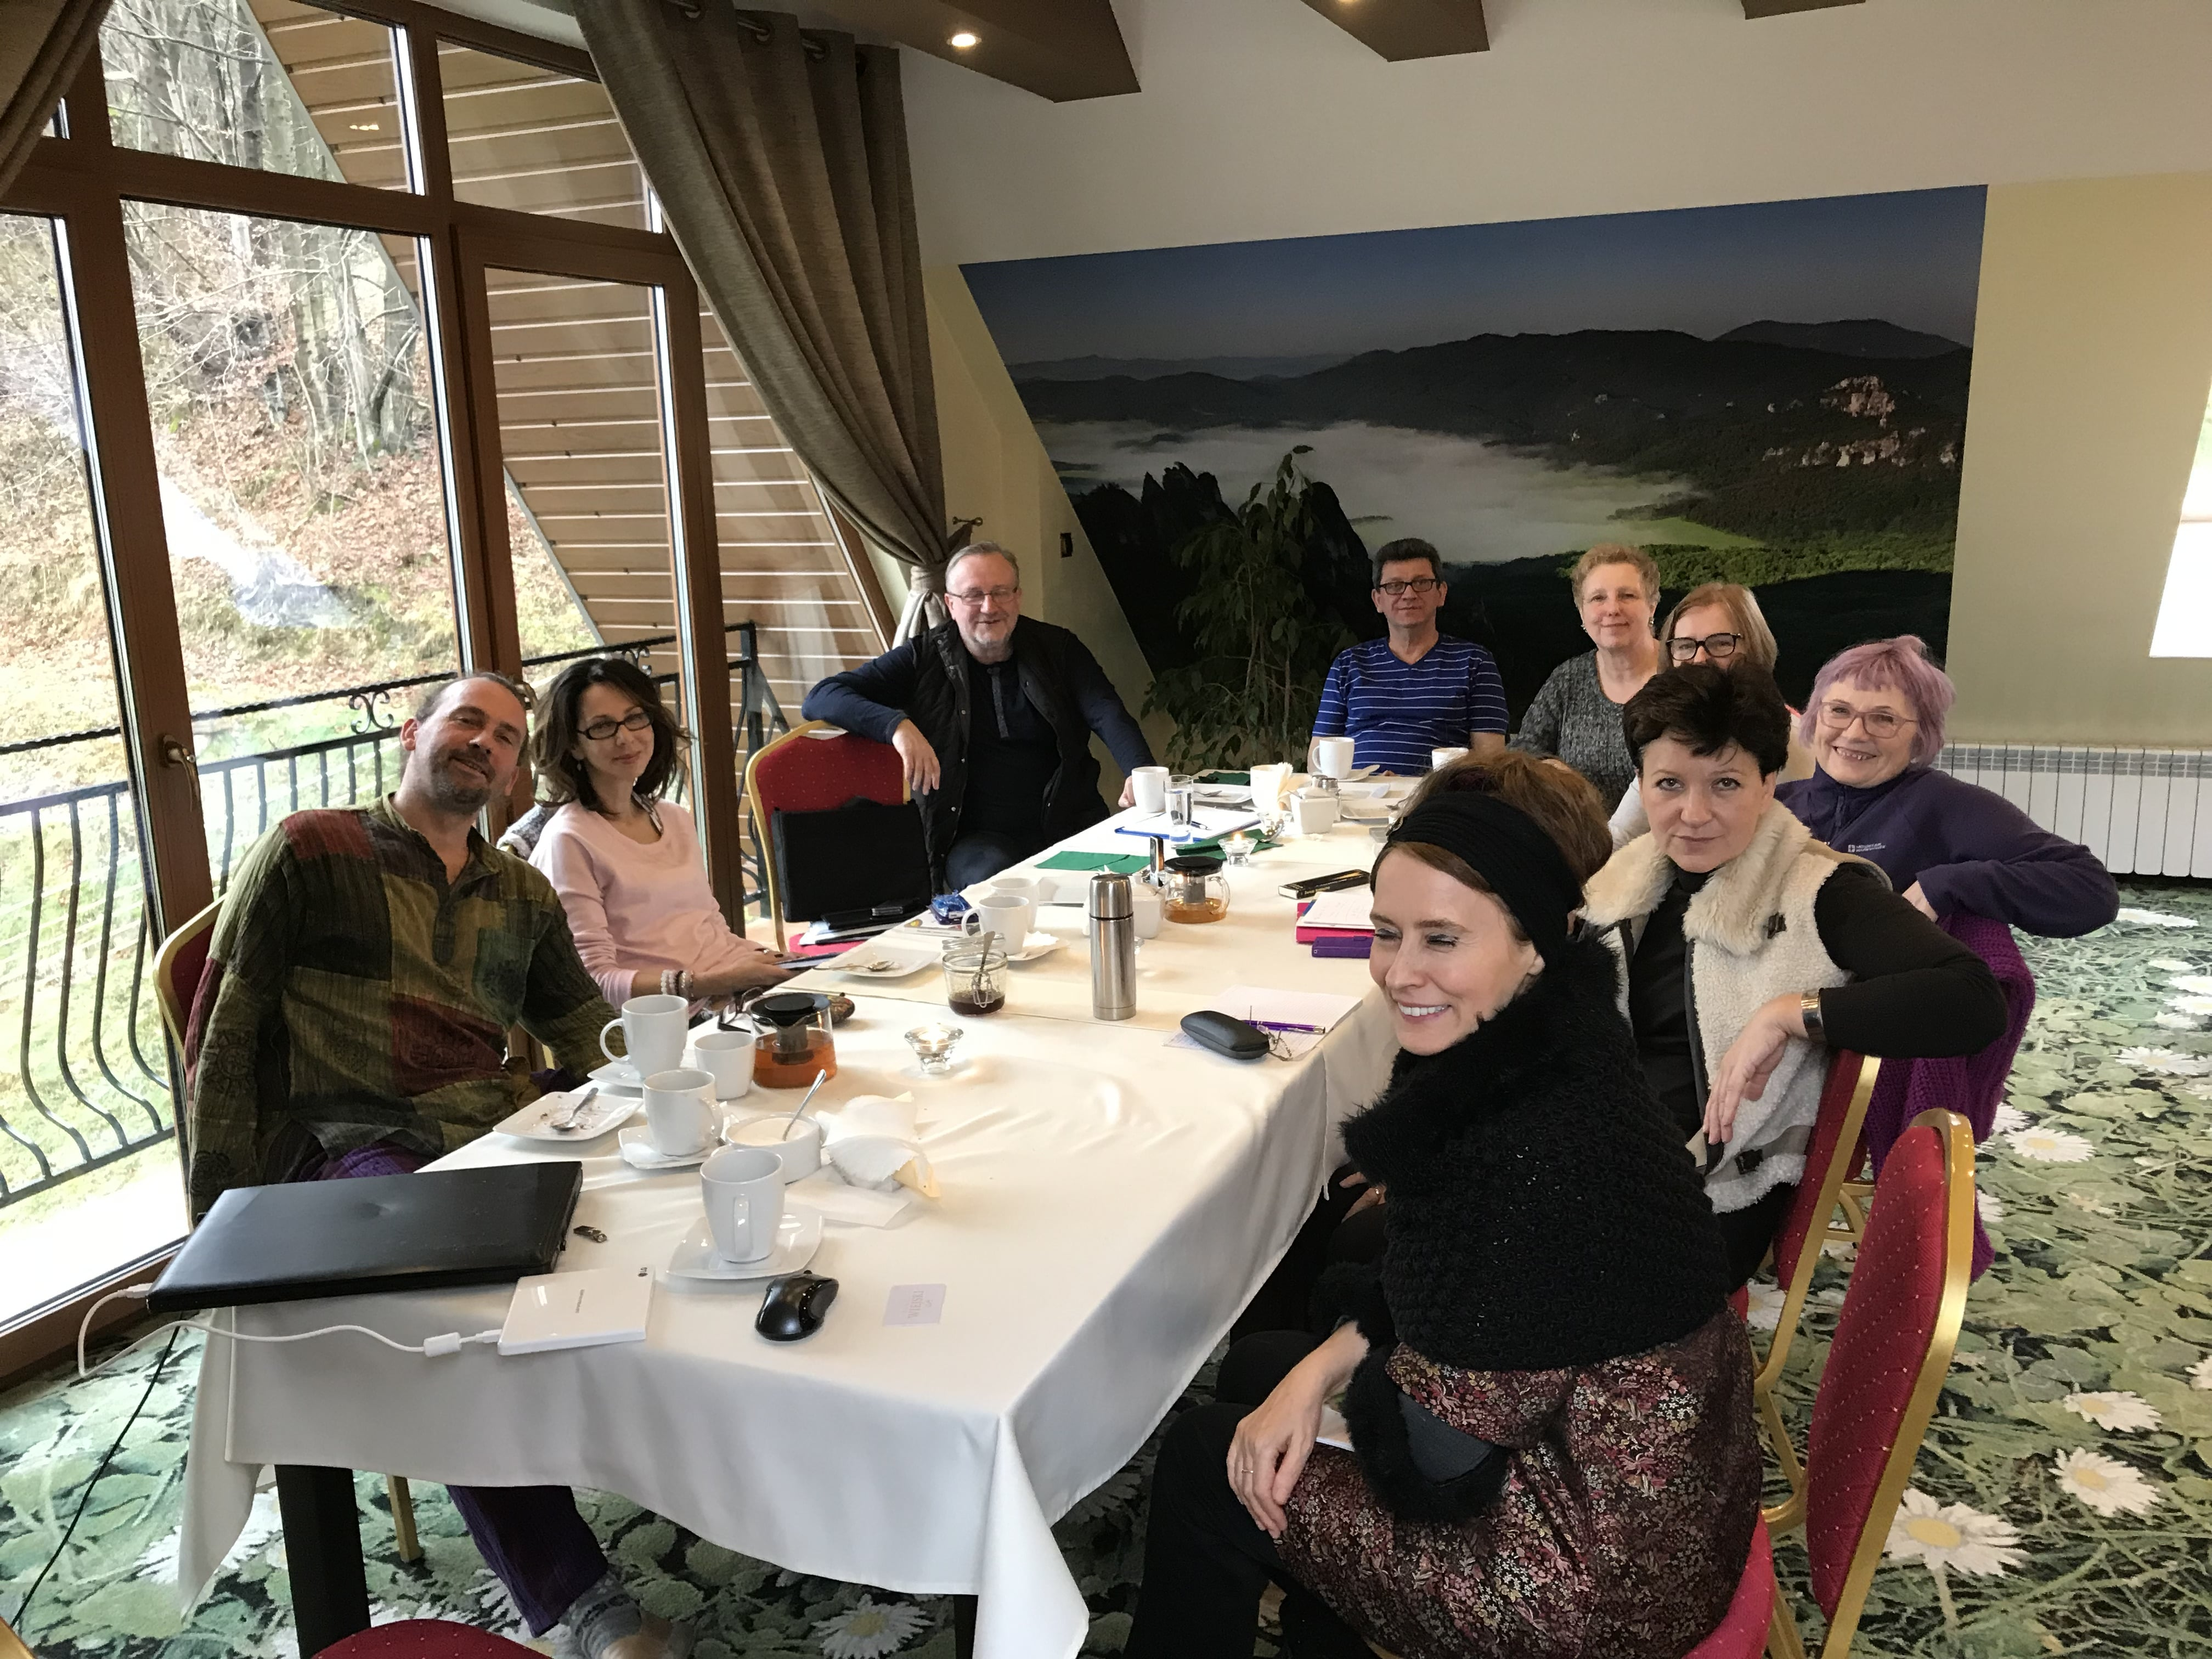 Raport ze spotkania roboczego THTiBnH  Zawoja_17-19.11.2017